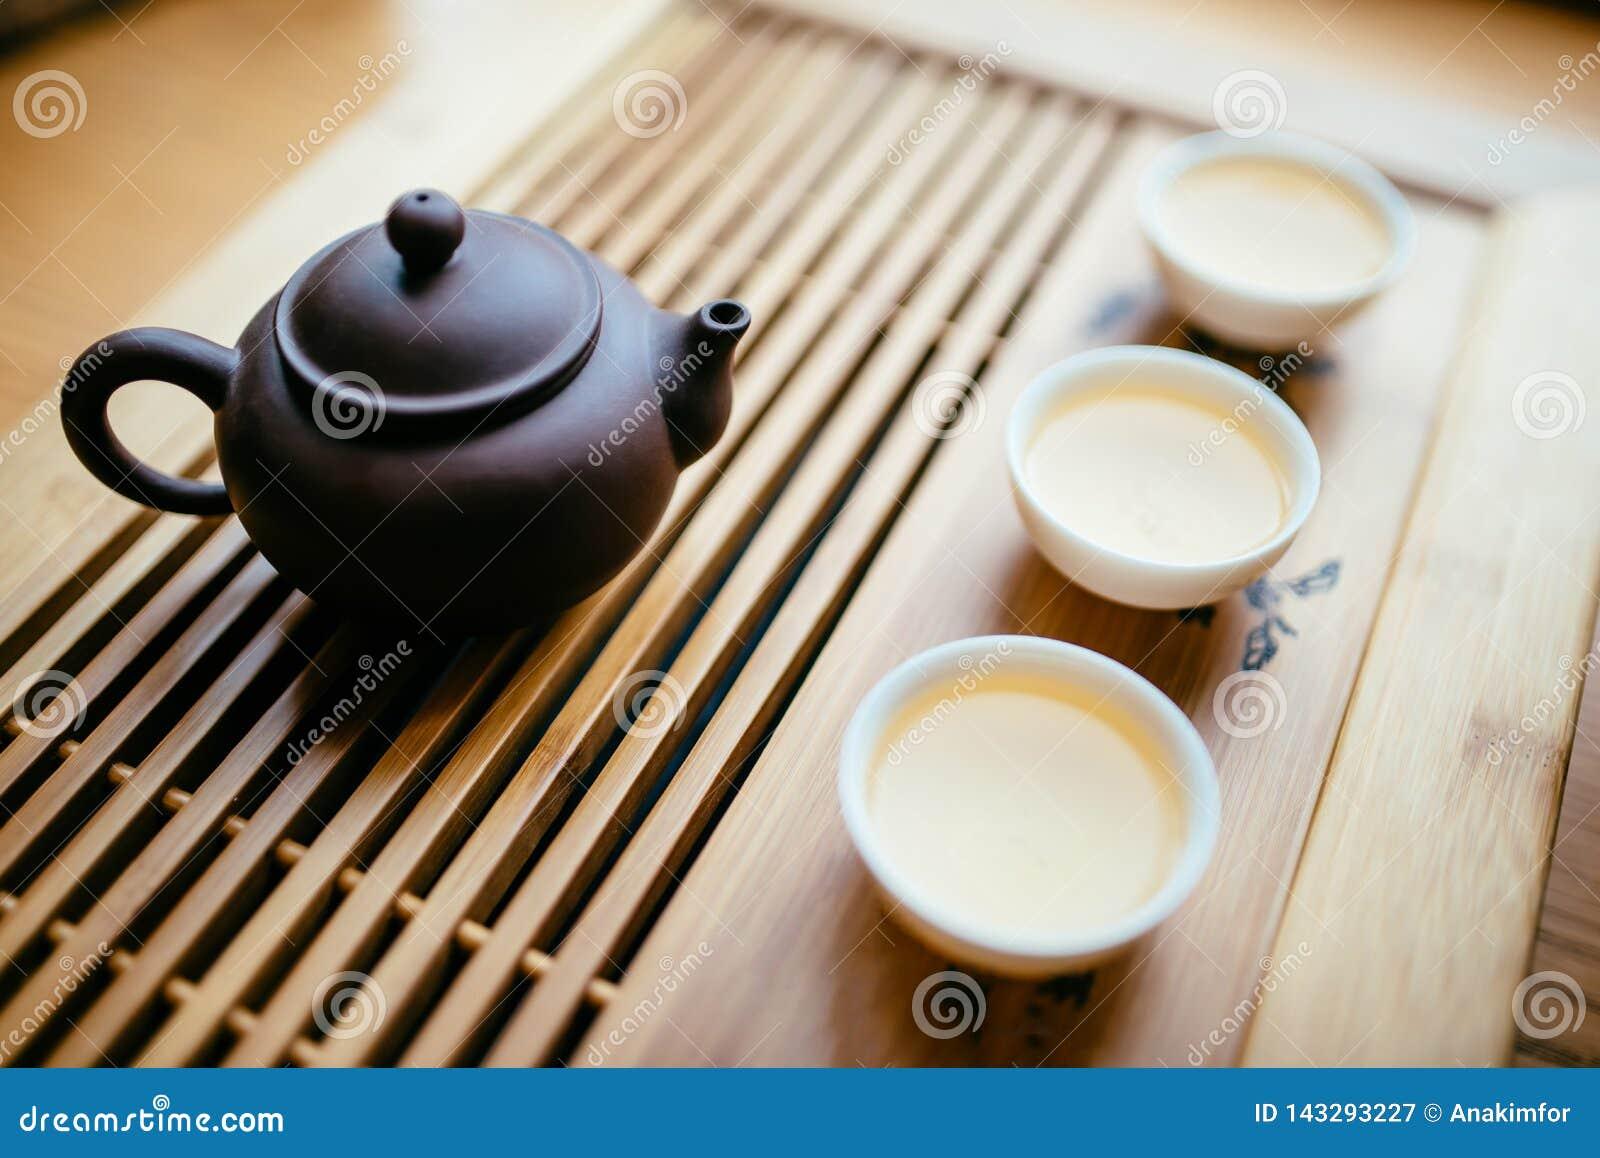 Чайник и чашки с китайским чаем на таблице для церемонии чая